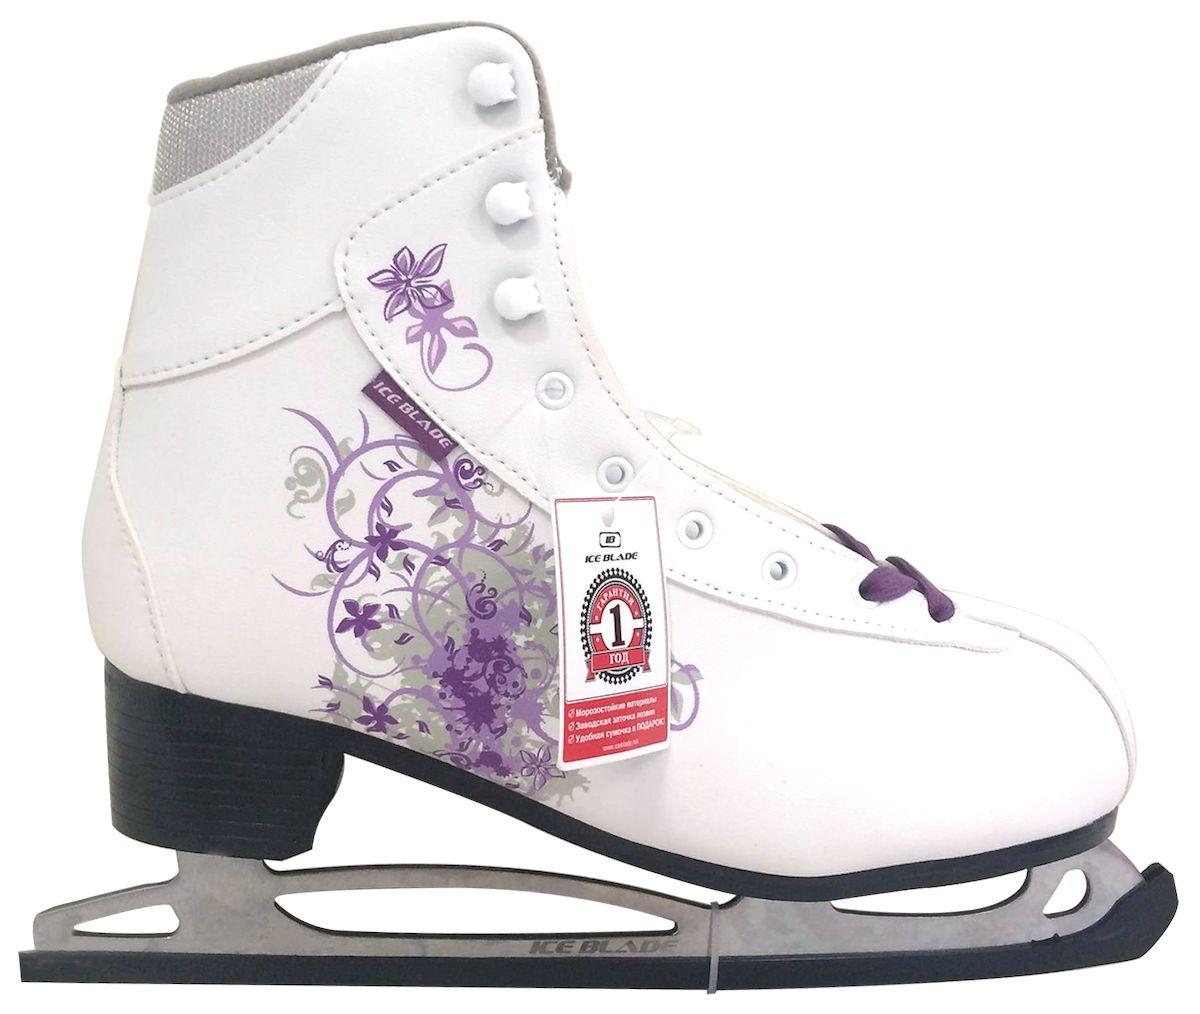 Коньки фигурные Ice Blade Sochi, цвет: белый, фиолетовый. УТ-00004988. Размер 31